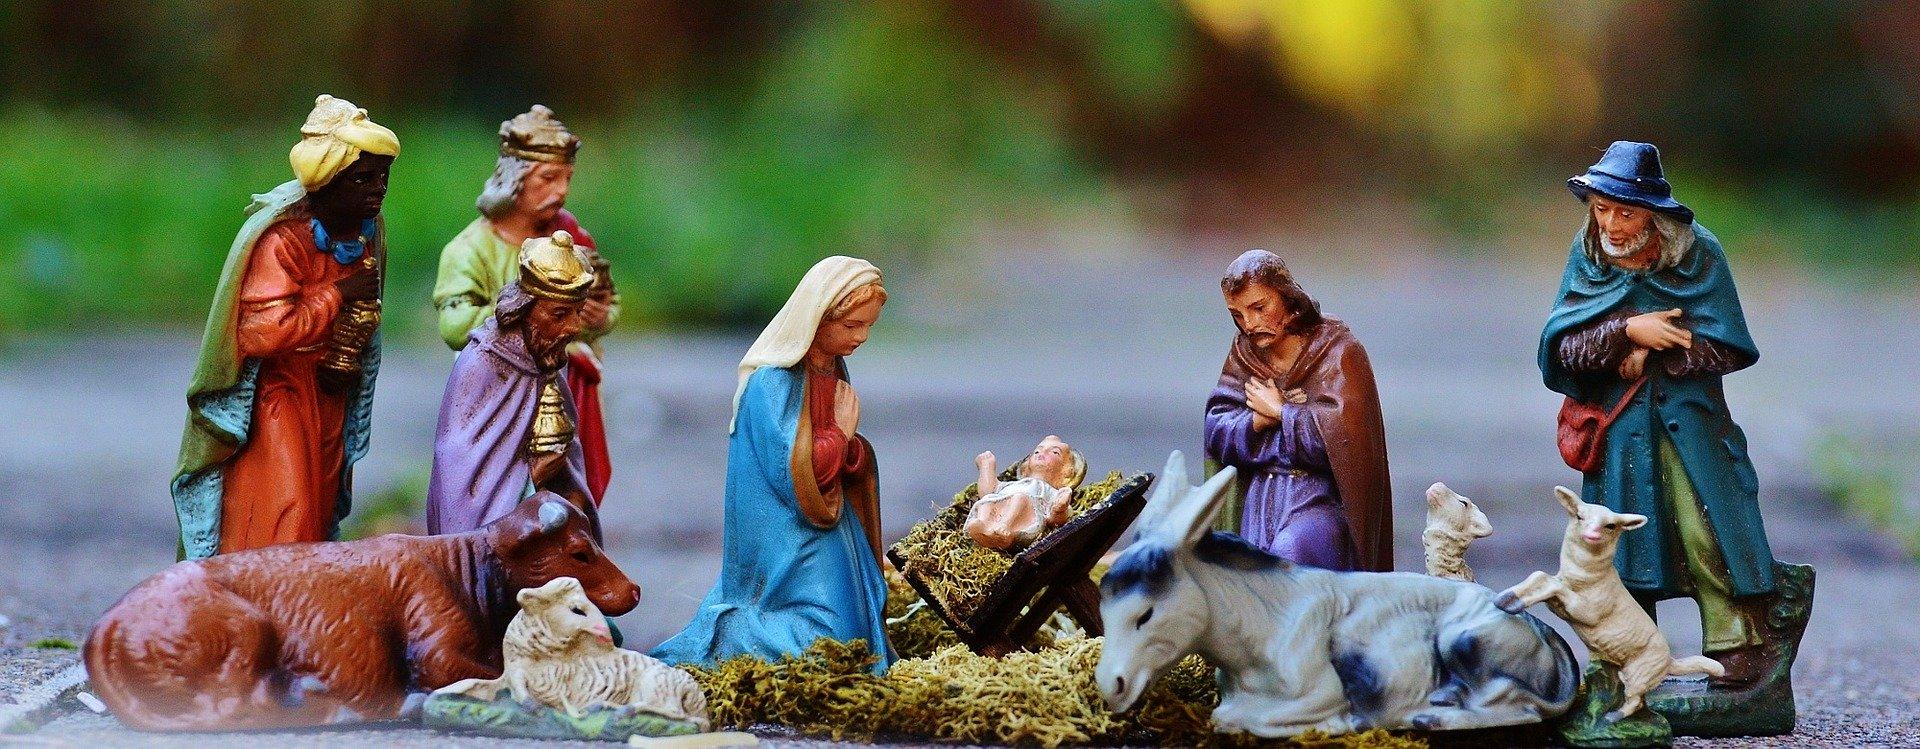 Szopka bożonarodzeniowa (fragment pracy magisterskiej)